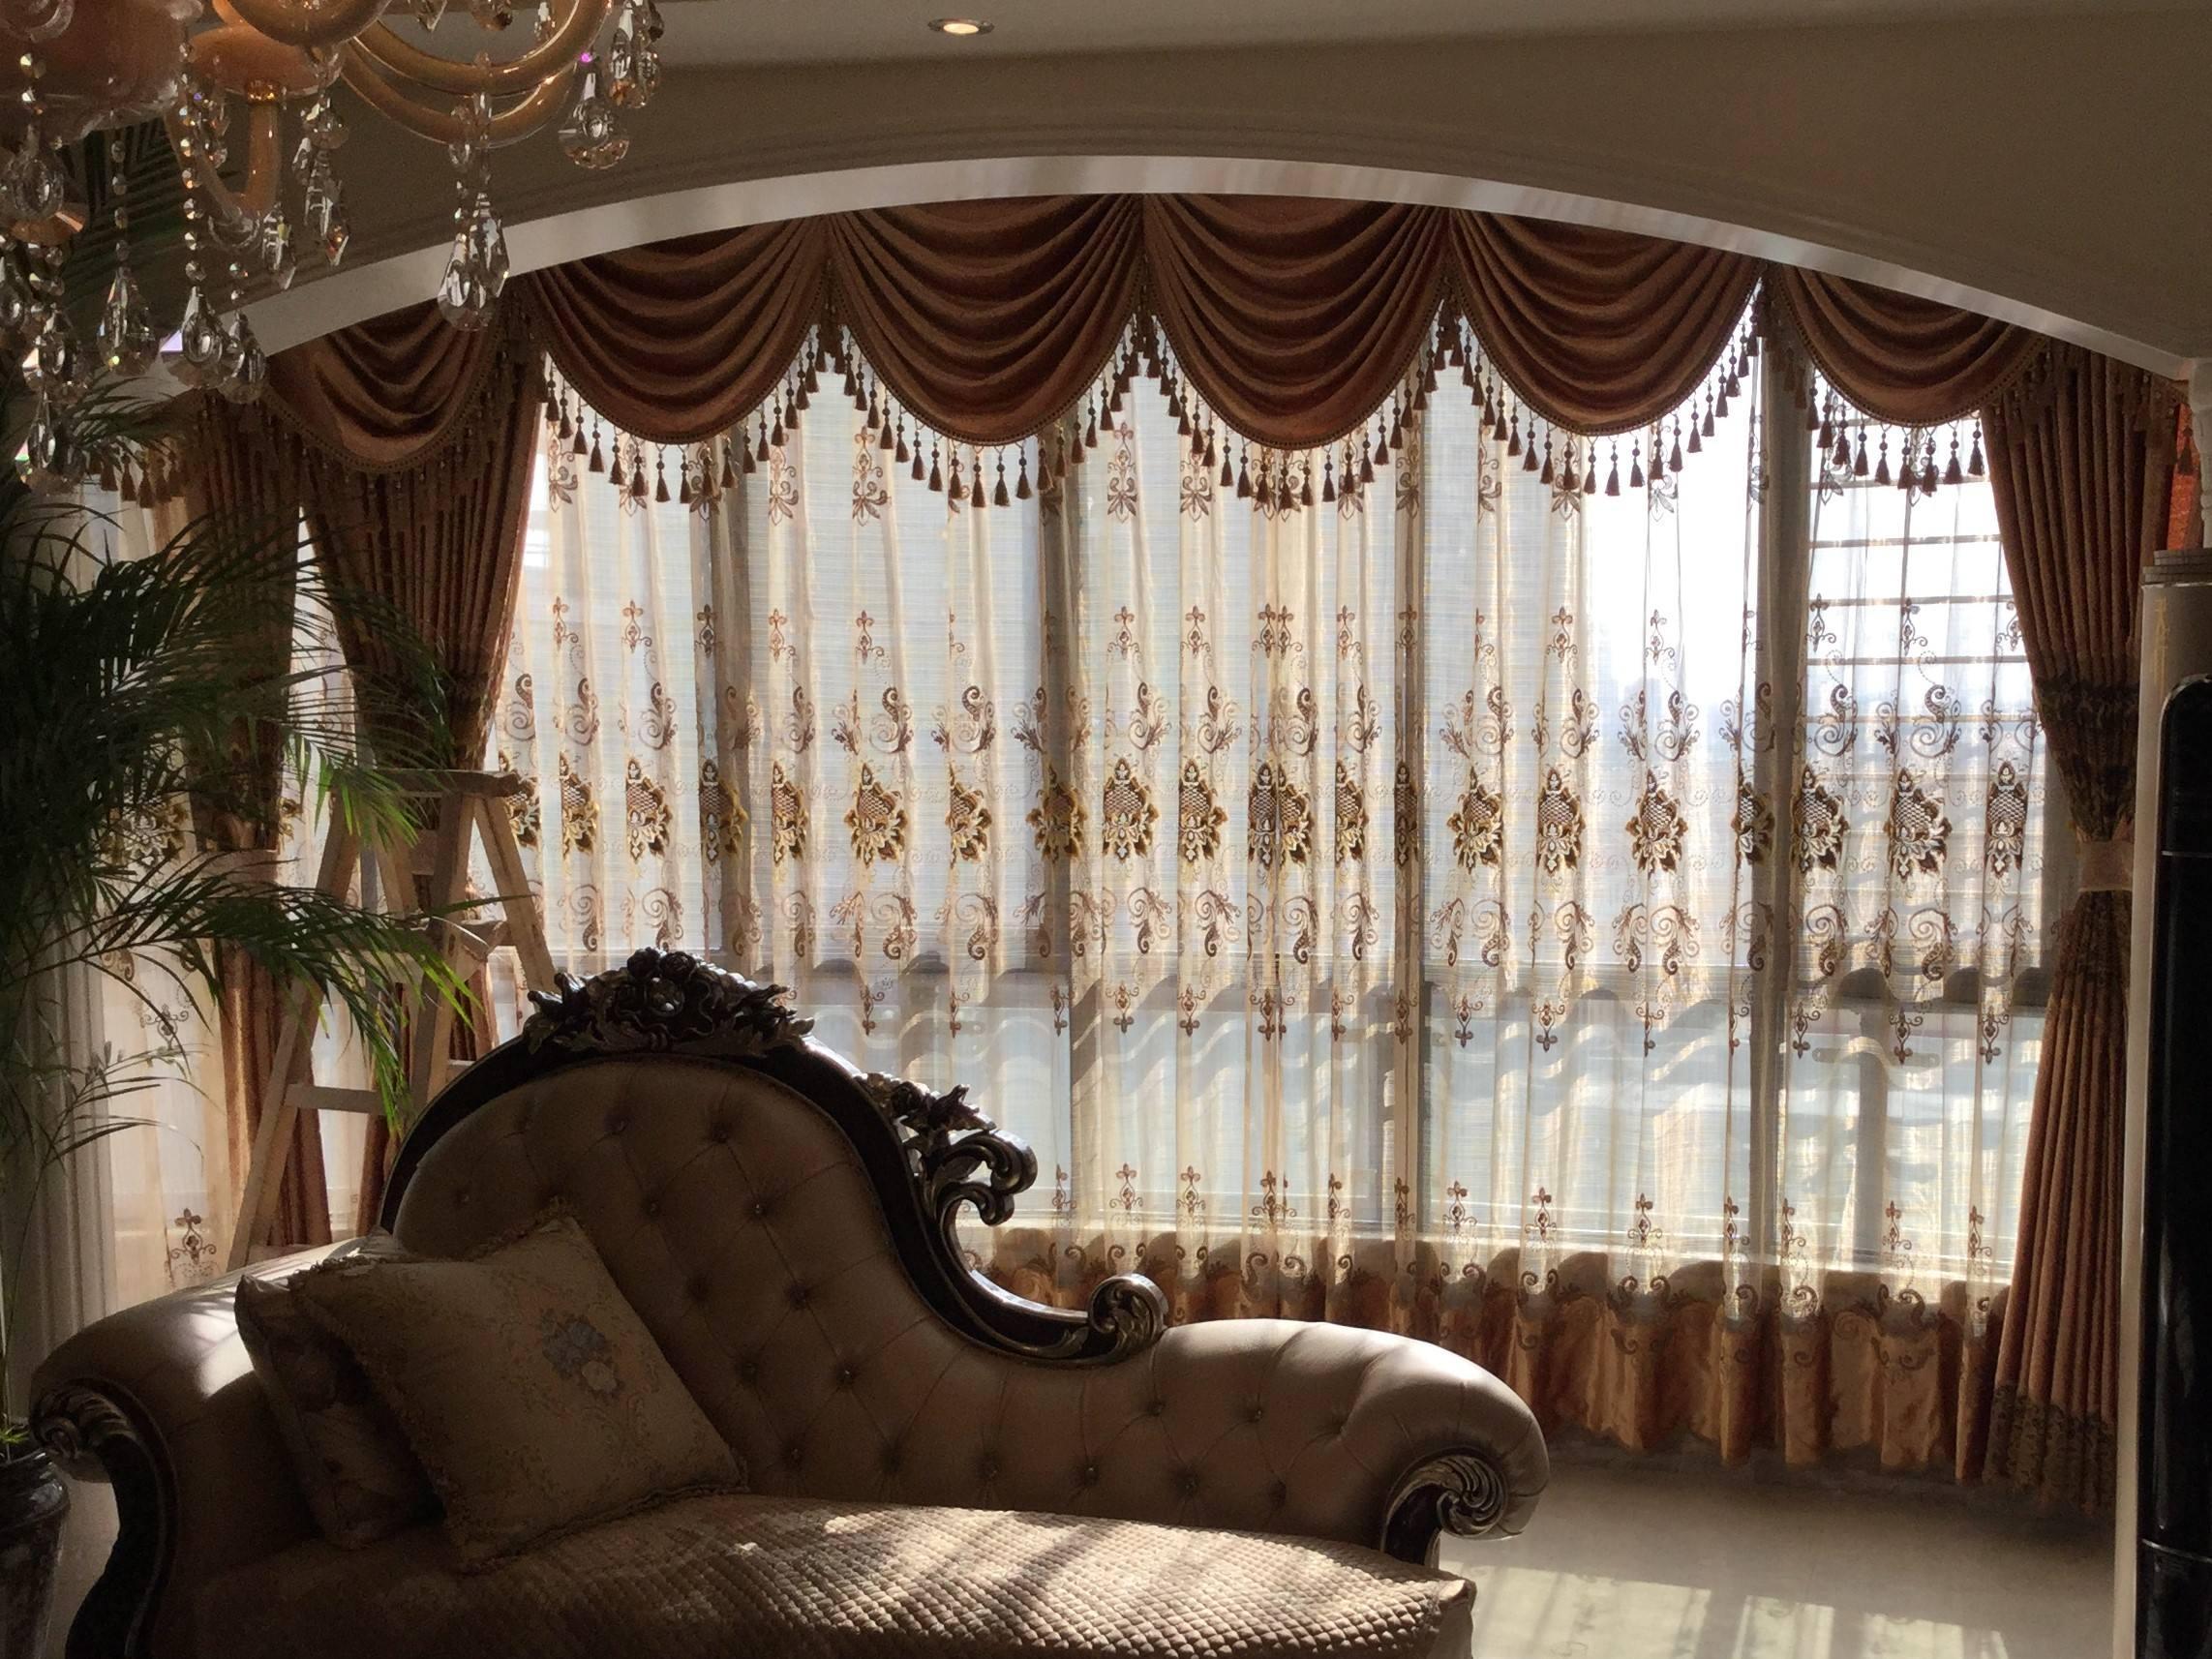 怎样清洗窗帘—花边窗帘 带有花边的窗帘一般款式较为复杂,不适合